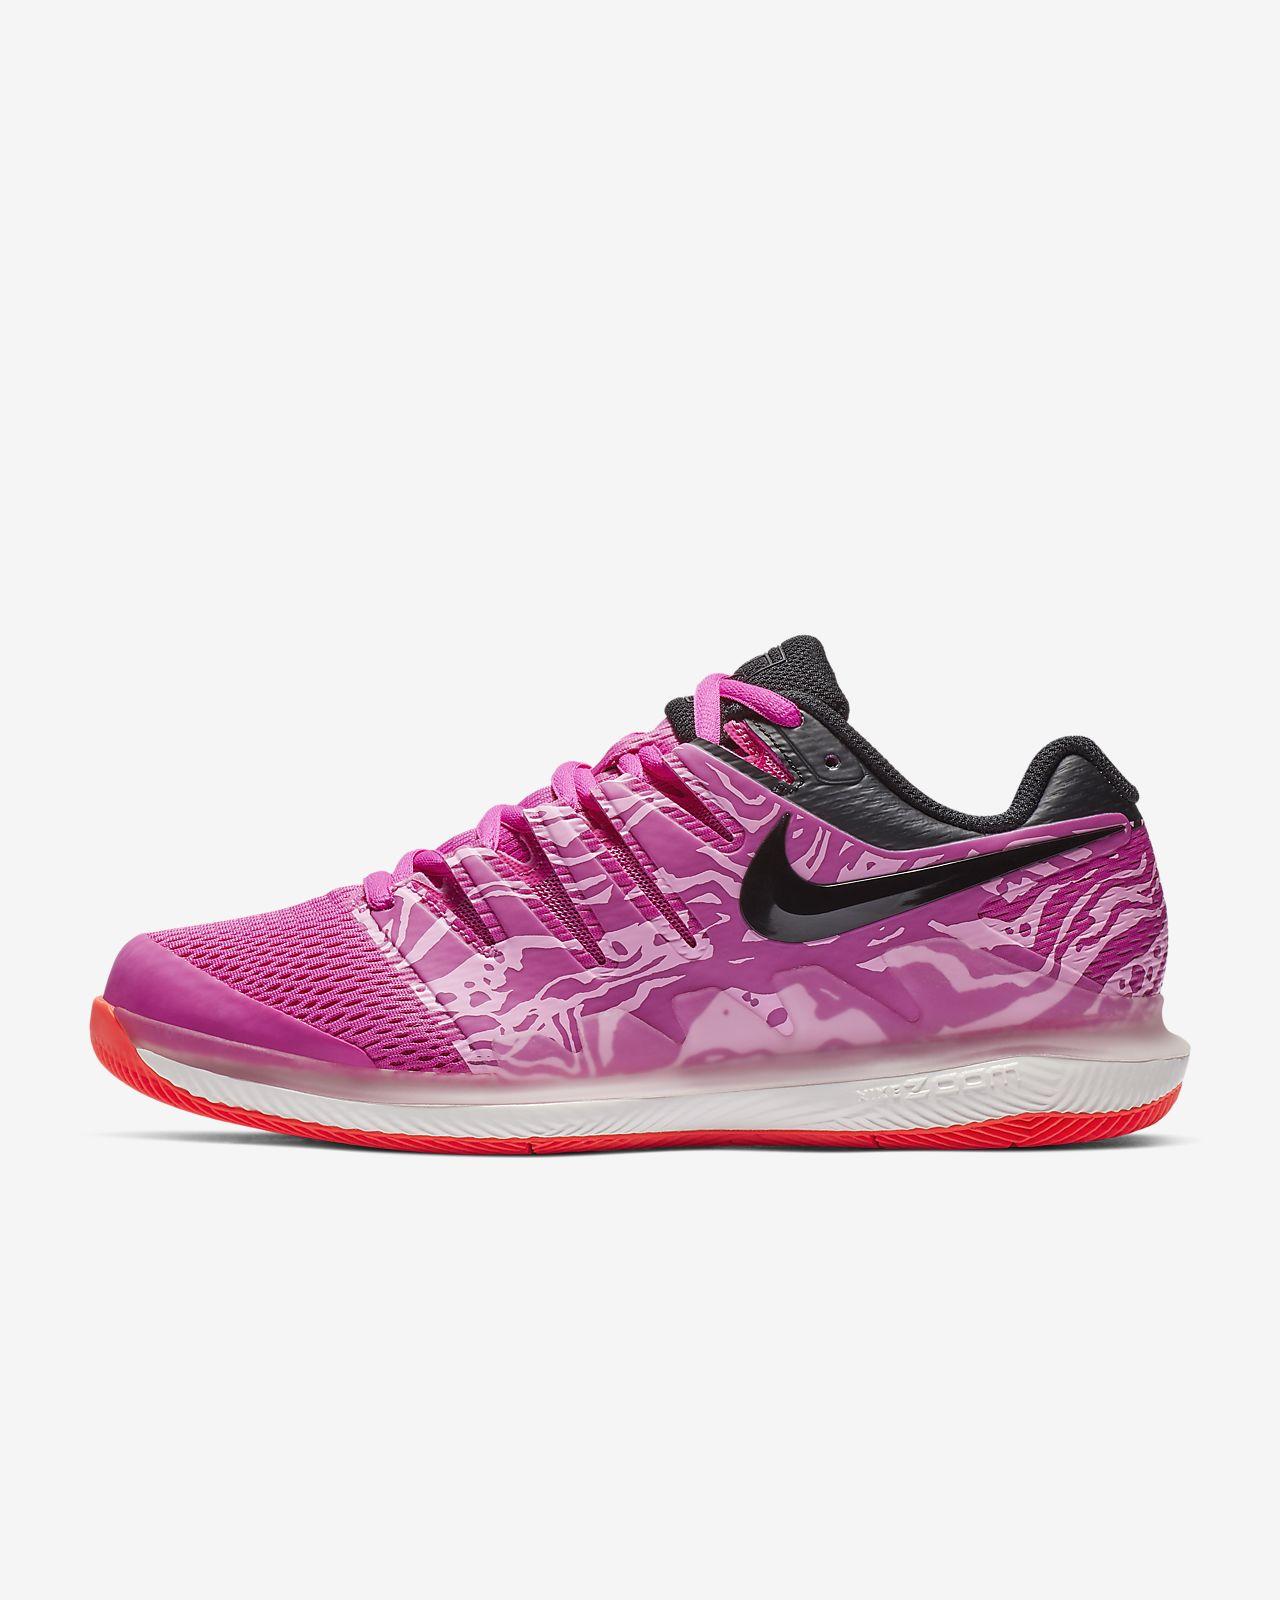 best service 9b769 f388b ... Chaussure de tennis pour surface dure NikeCourt Air Zoom Vapor X pour  Femme